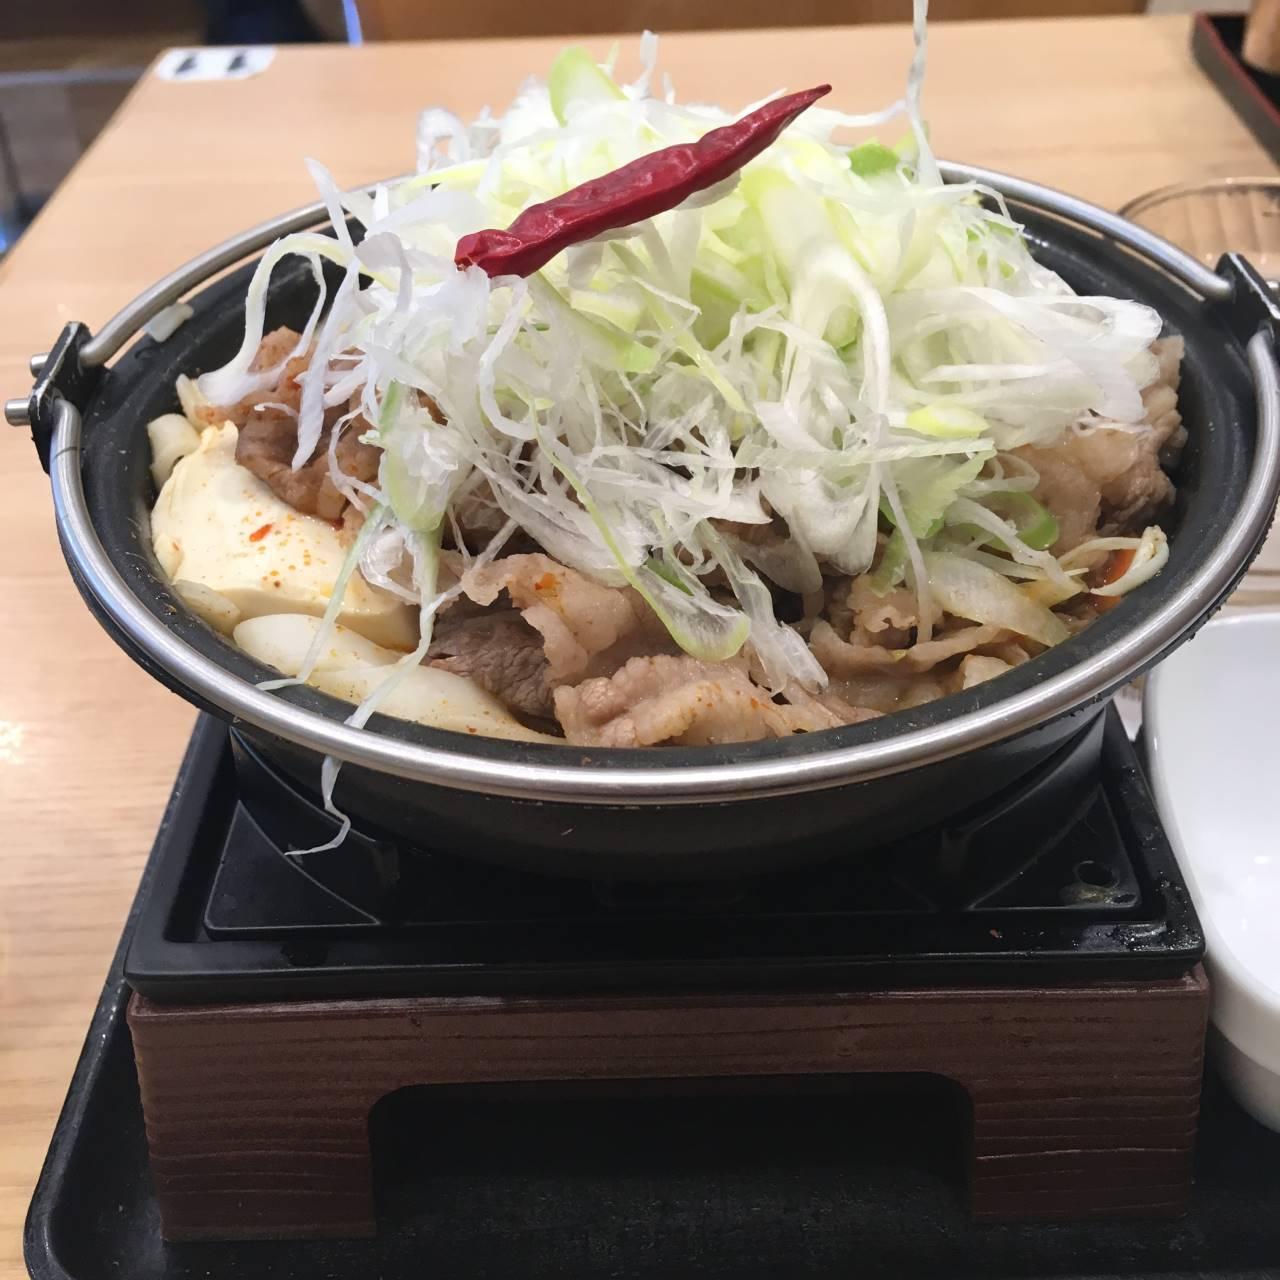 麻辣牛鍋膳単品大盛ねぎ増し側面から見た状態